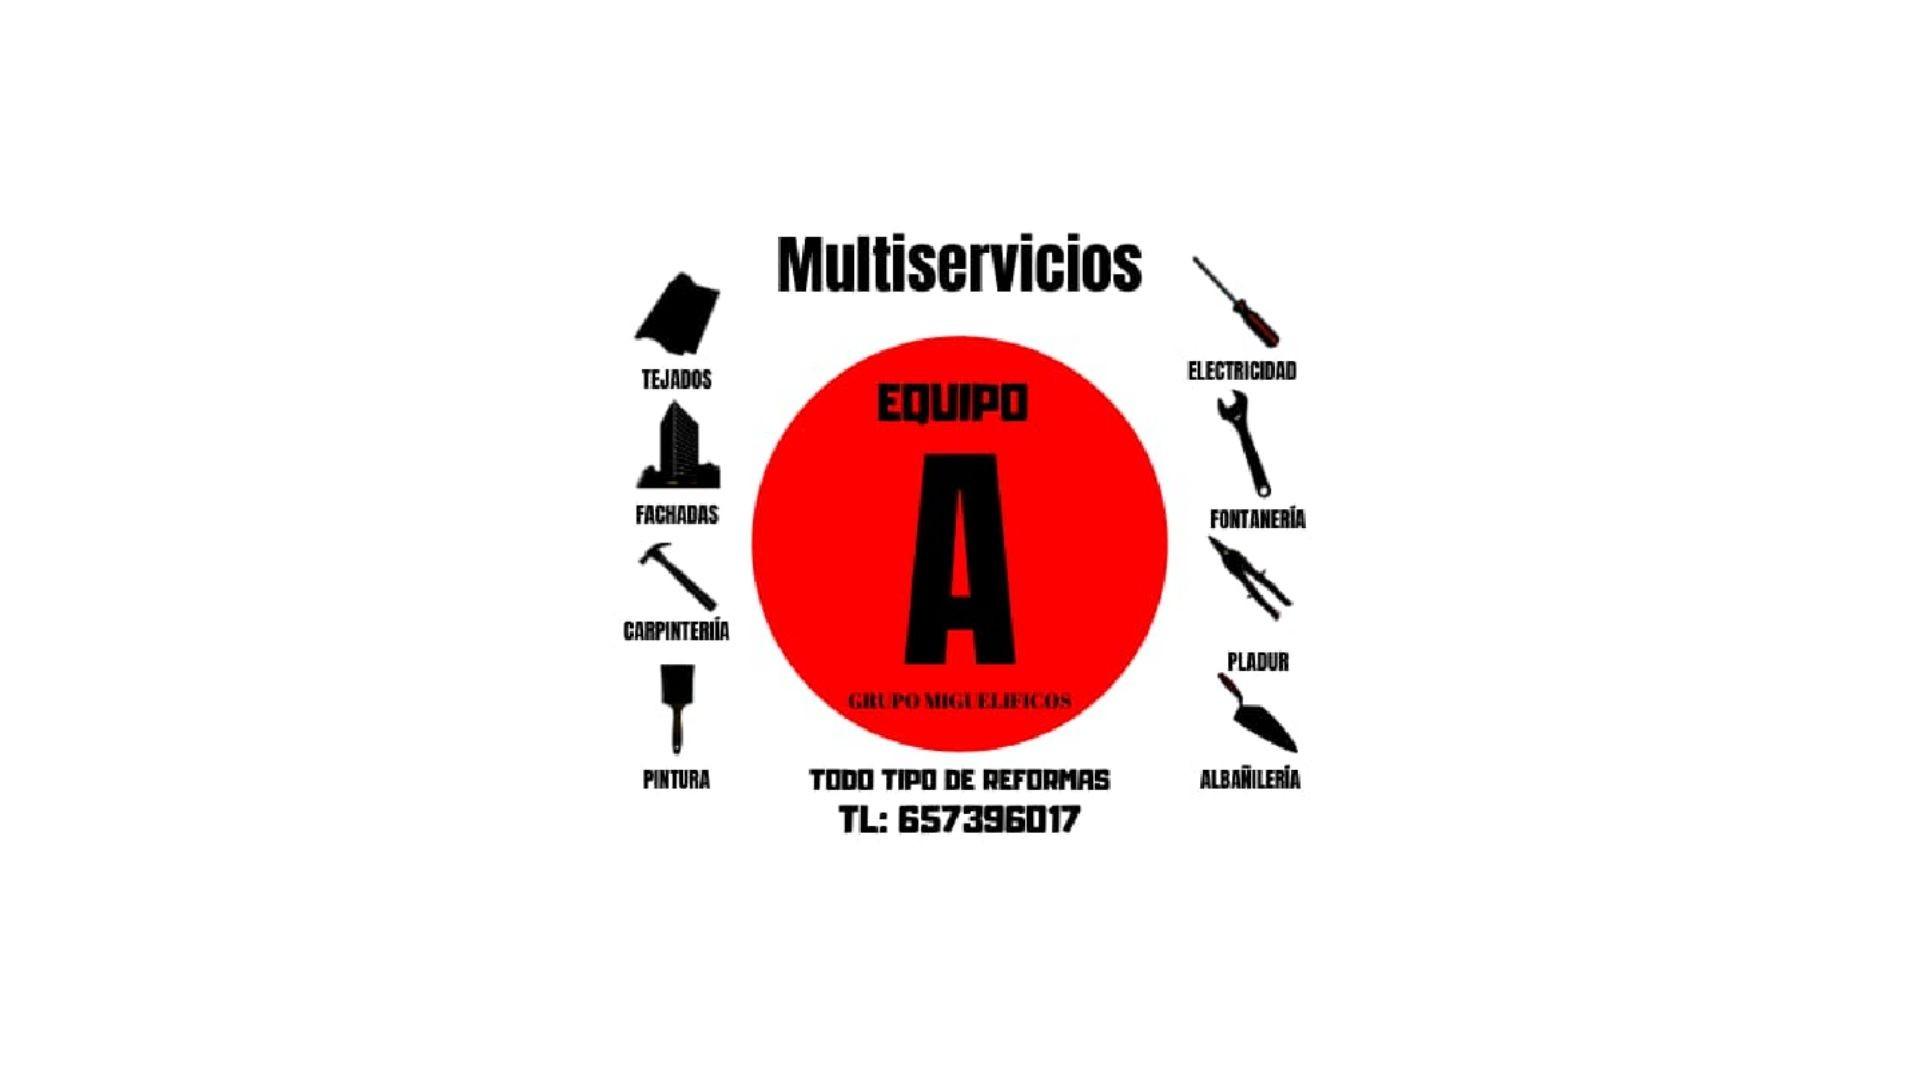 Empresa de multiservicios en Cantabria